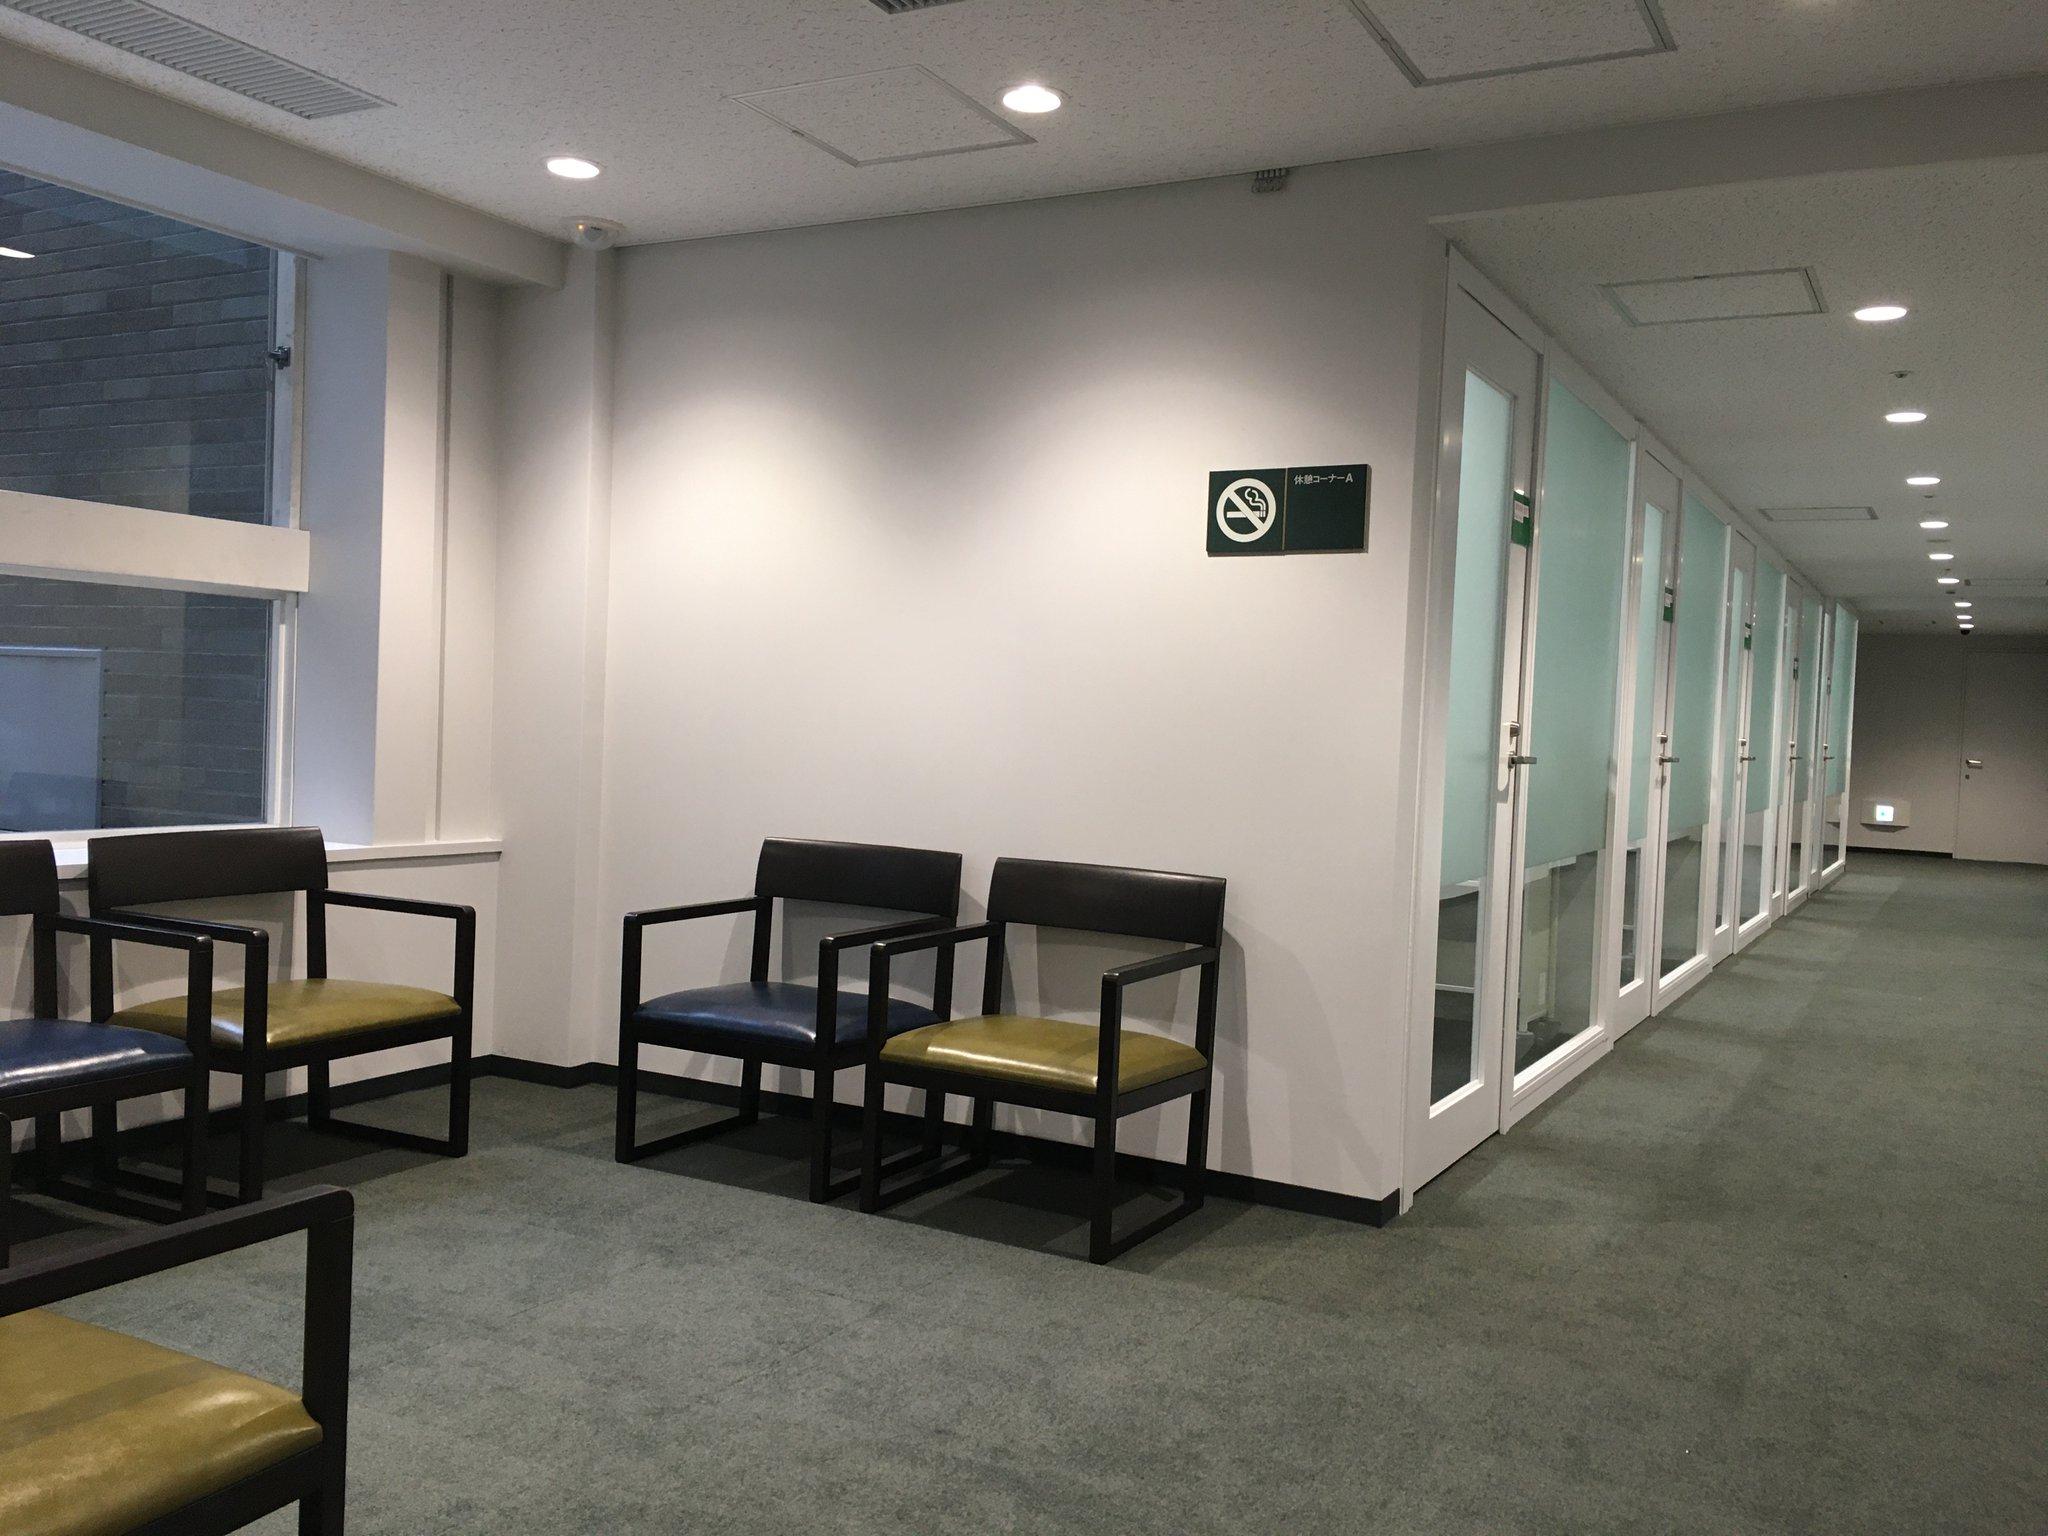 中央 図書館 区 新宿